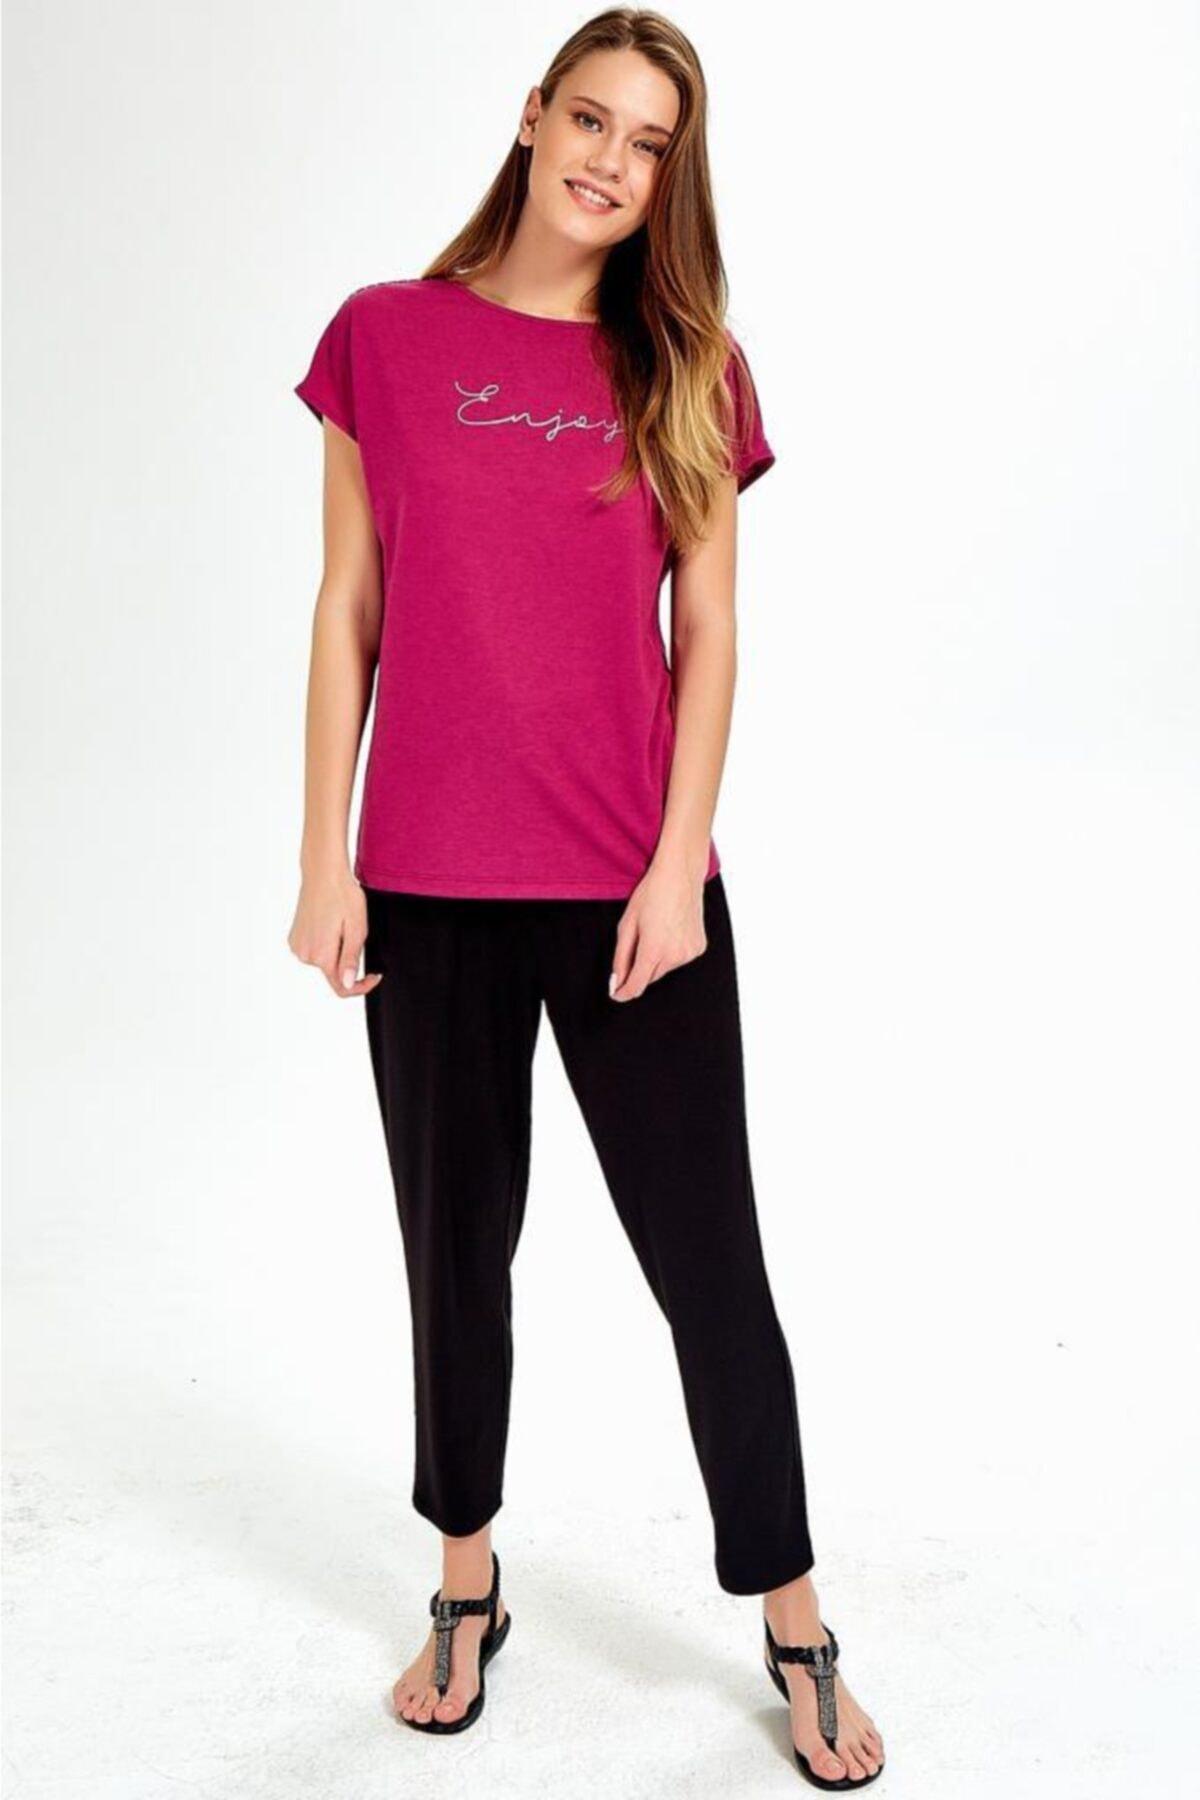 İKİLER Kadın Fuşya Önü Baskılı Omuzları Simli Şeritli Bluz 2